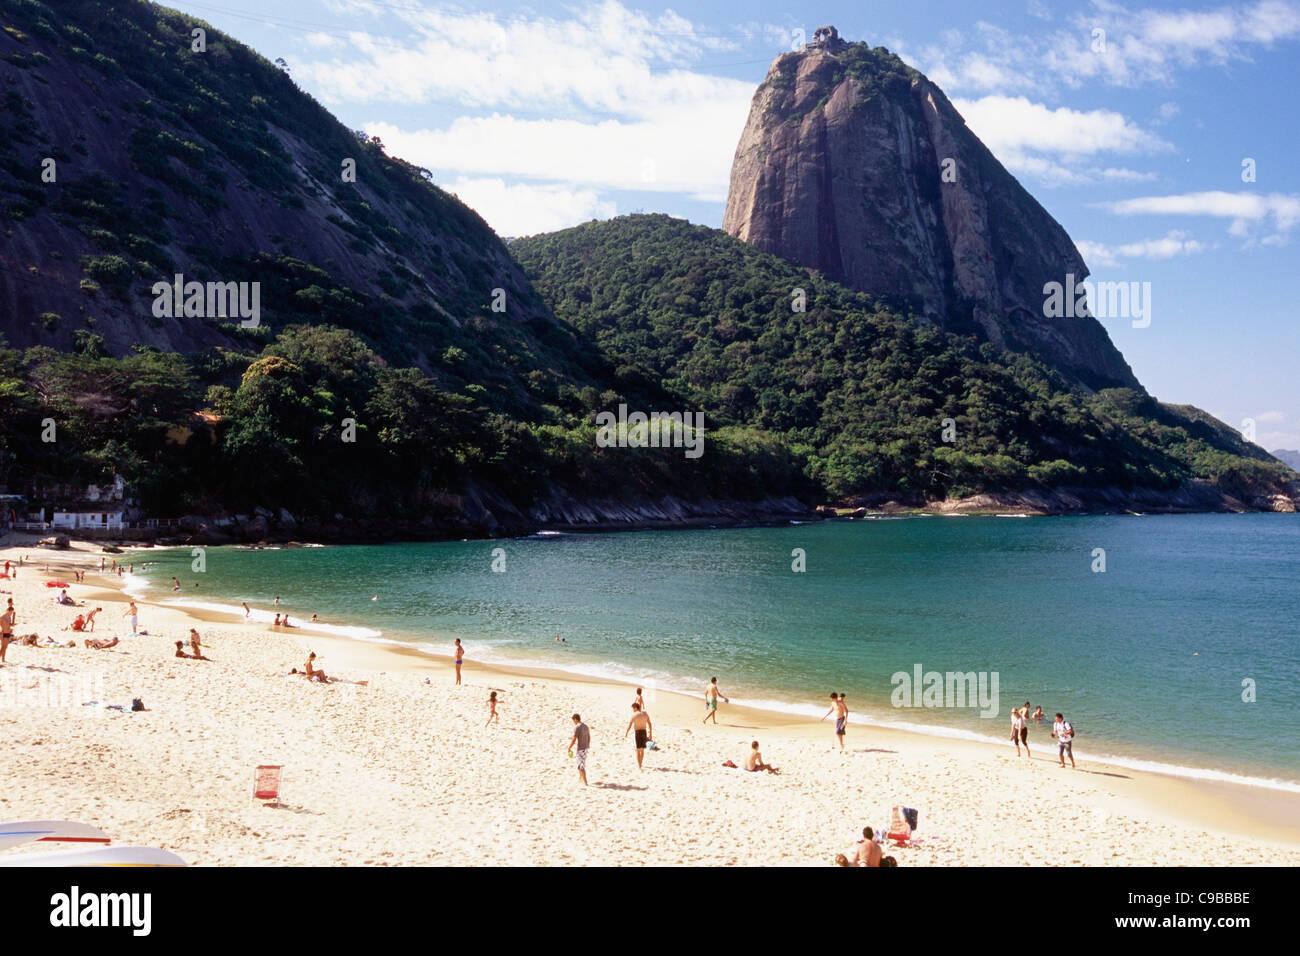 Vista della Montagna di Sugarloaf dalla Vermelha Beach, Rio de Janeiro, Brasile Immagini Stock